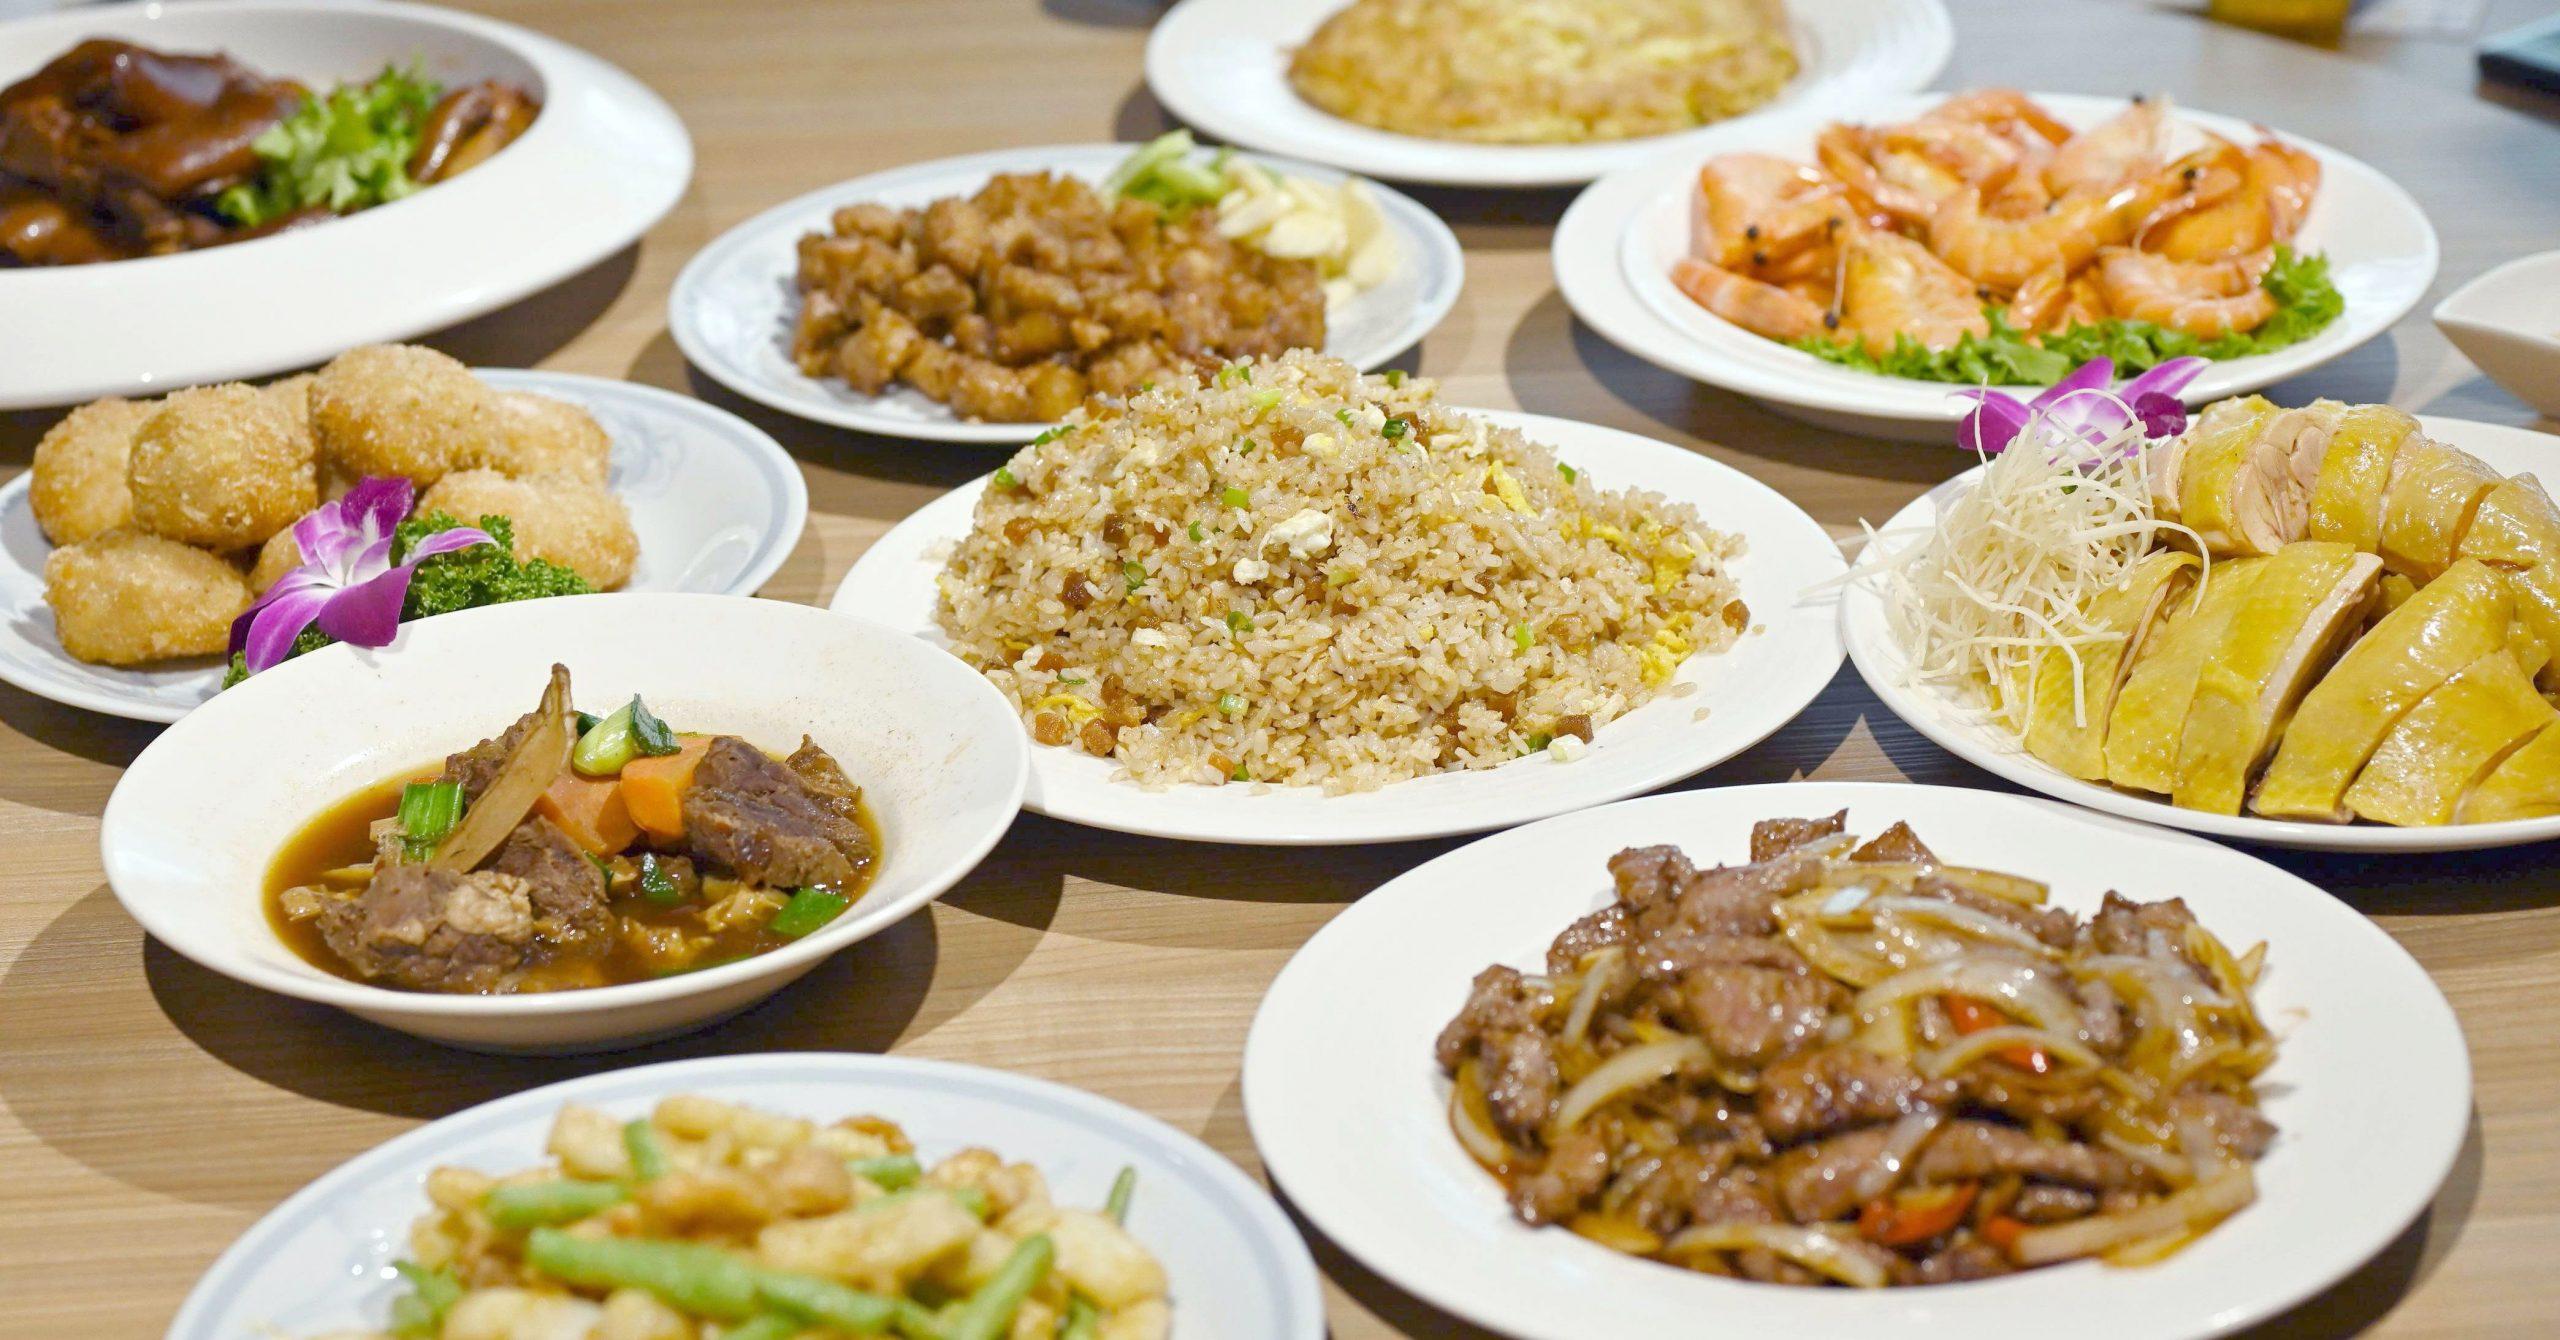 今日熱門文章:【中山美食】款待台菜,台菜吃到飽推薦 (菜單 價錢)